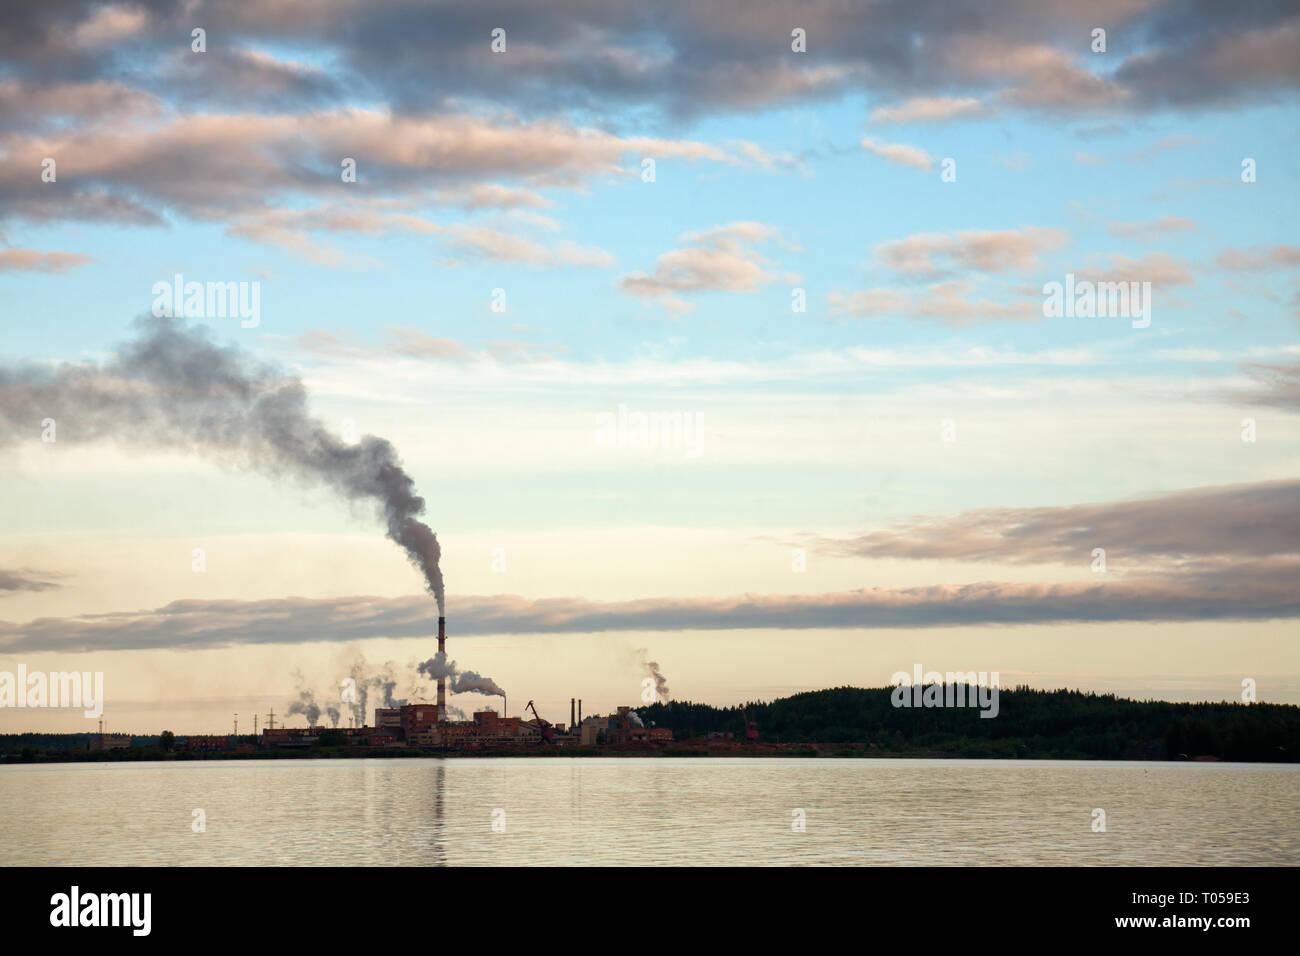 Pipas de pulpa y papel en un lago de fábrica en Rusia - las emisiones de dióxido de carbono concepto cuestiones ambientales la contaminación del agua Imagen De Stock